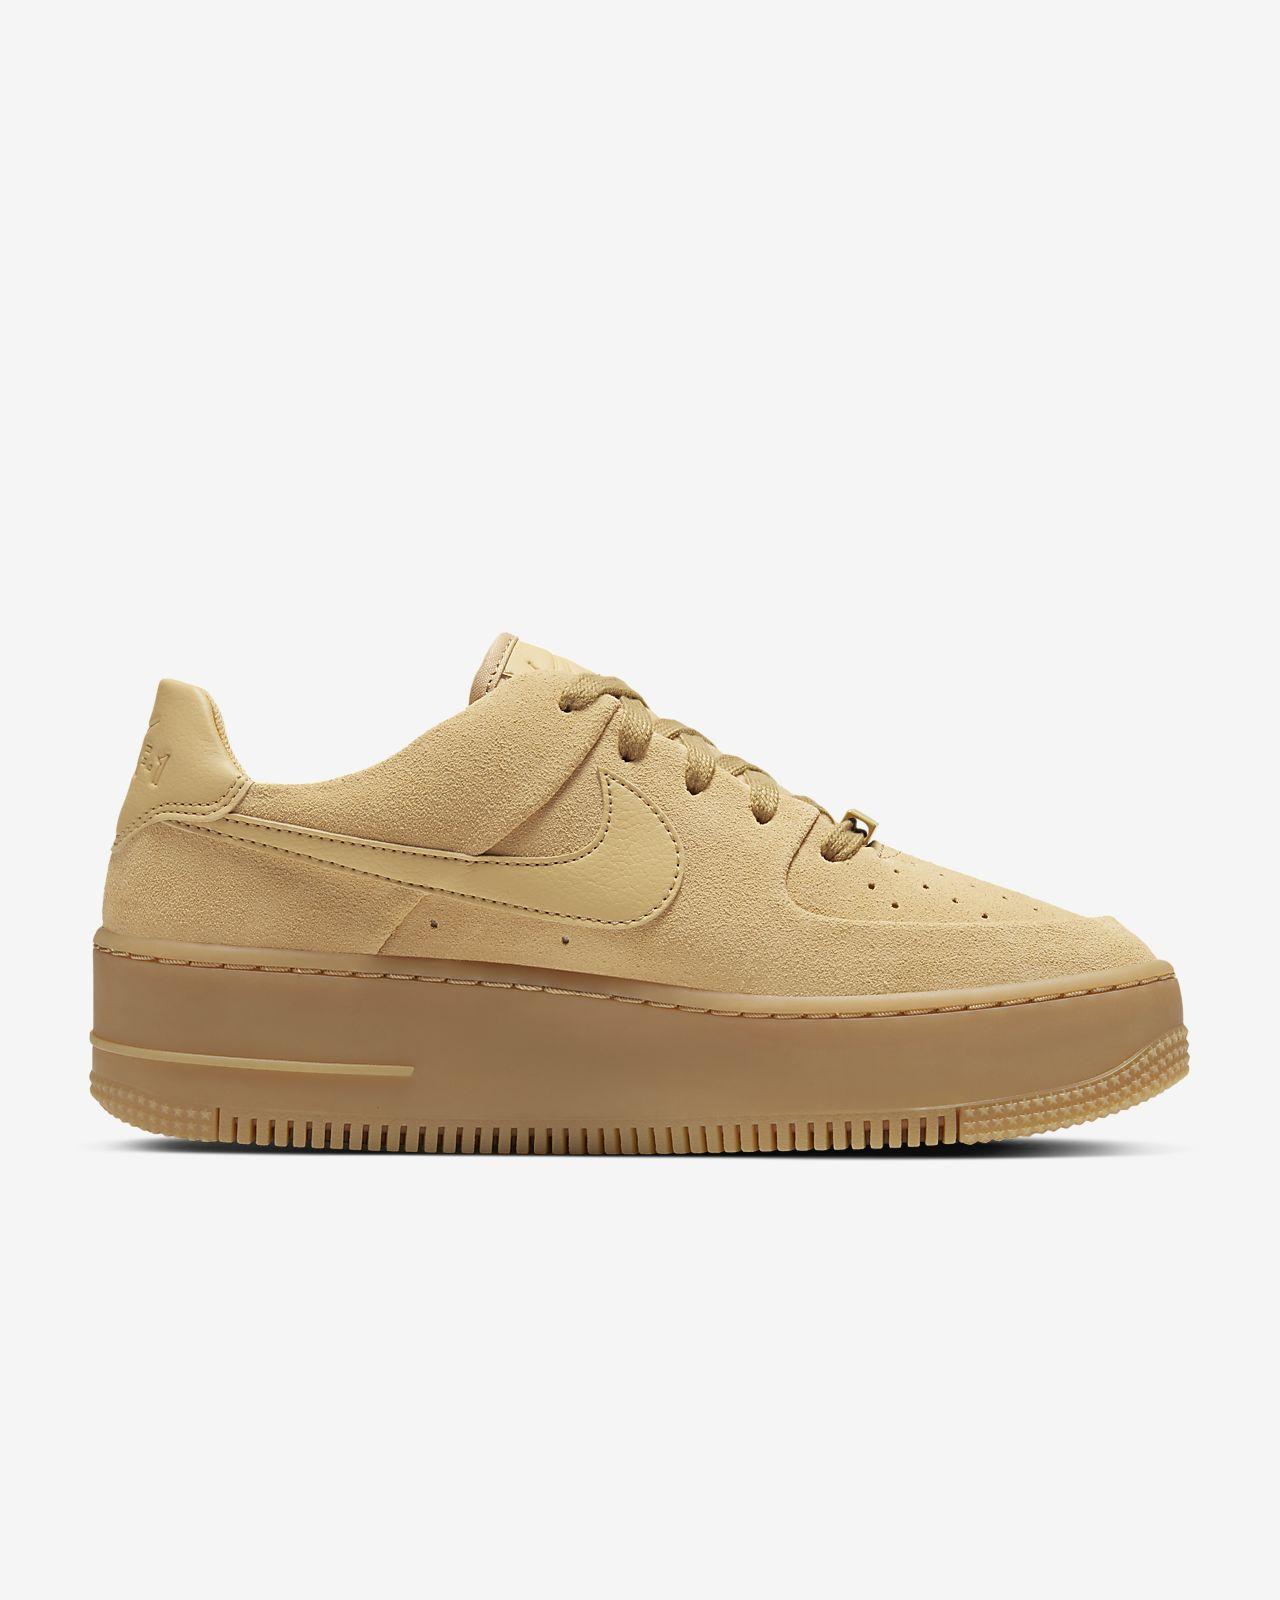 Nike Air Force 1 Sage Low Beige